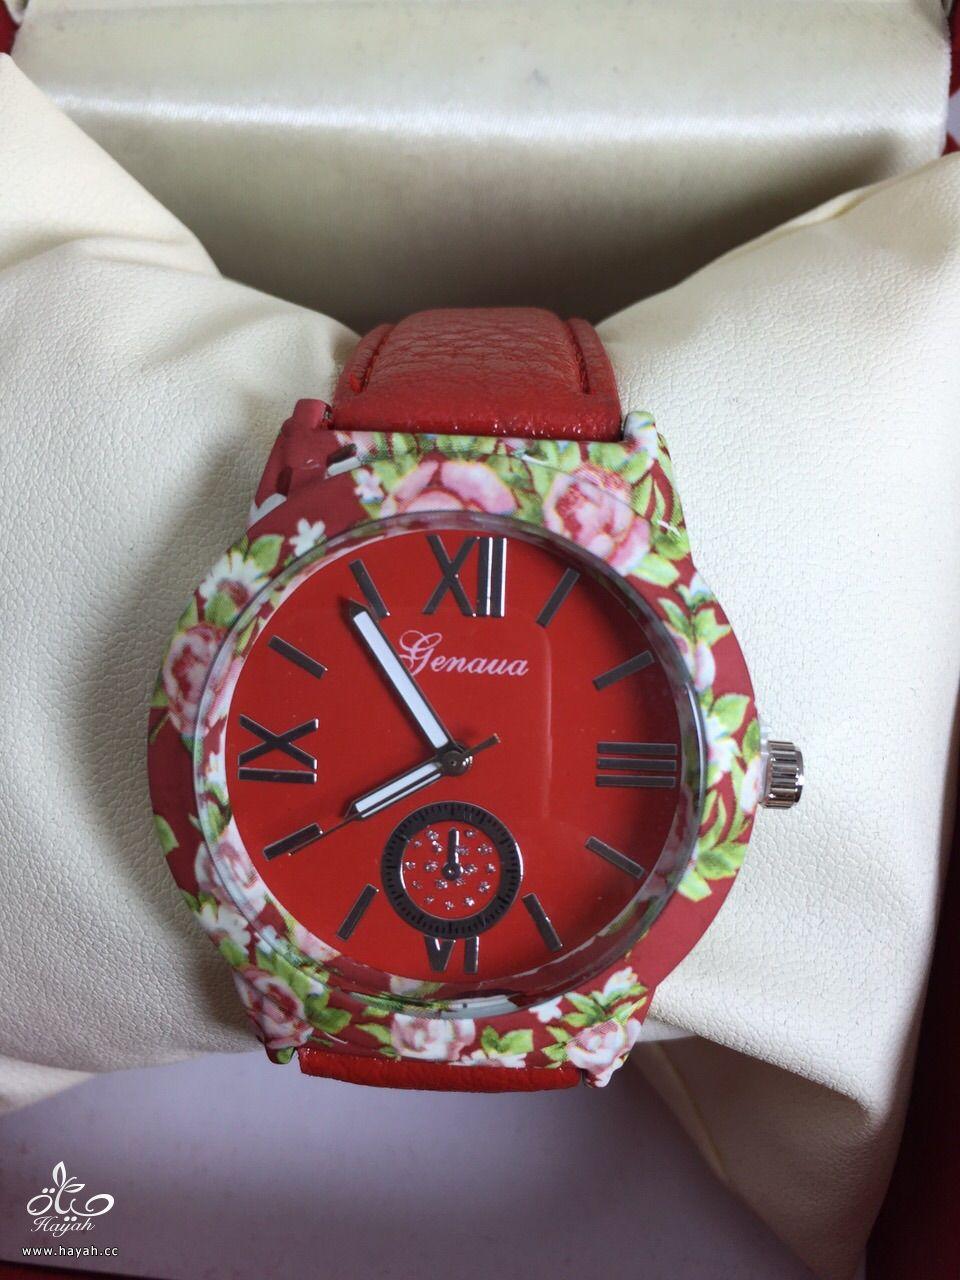 جديد ساعات جينفا بسعر راائع hayahcc_1427842411_748.jpg